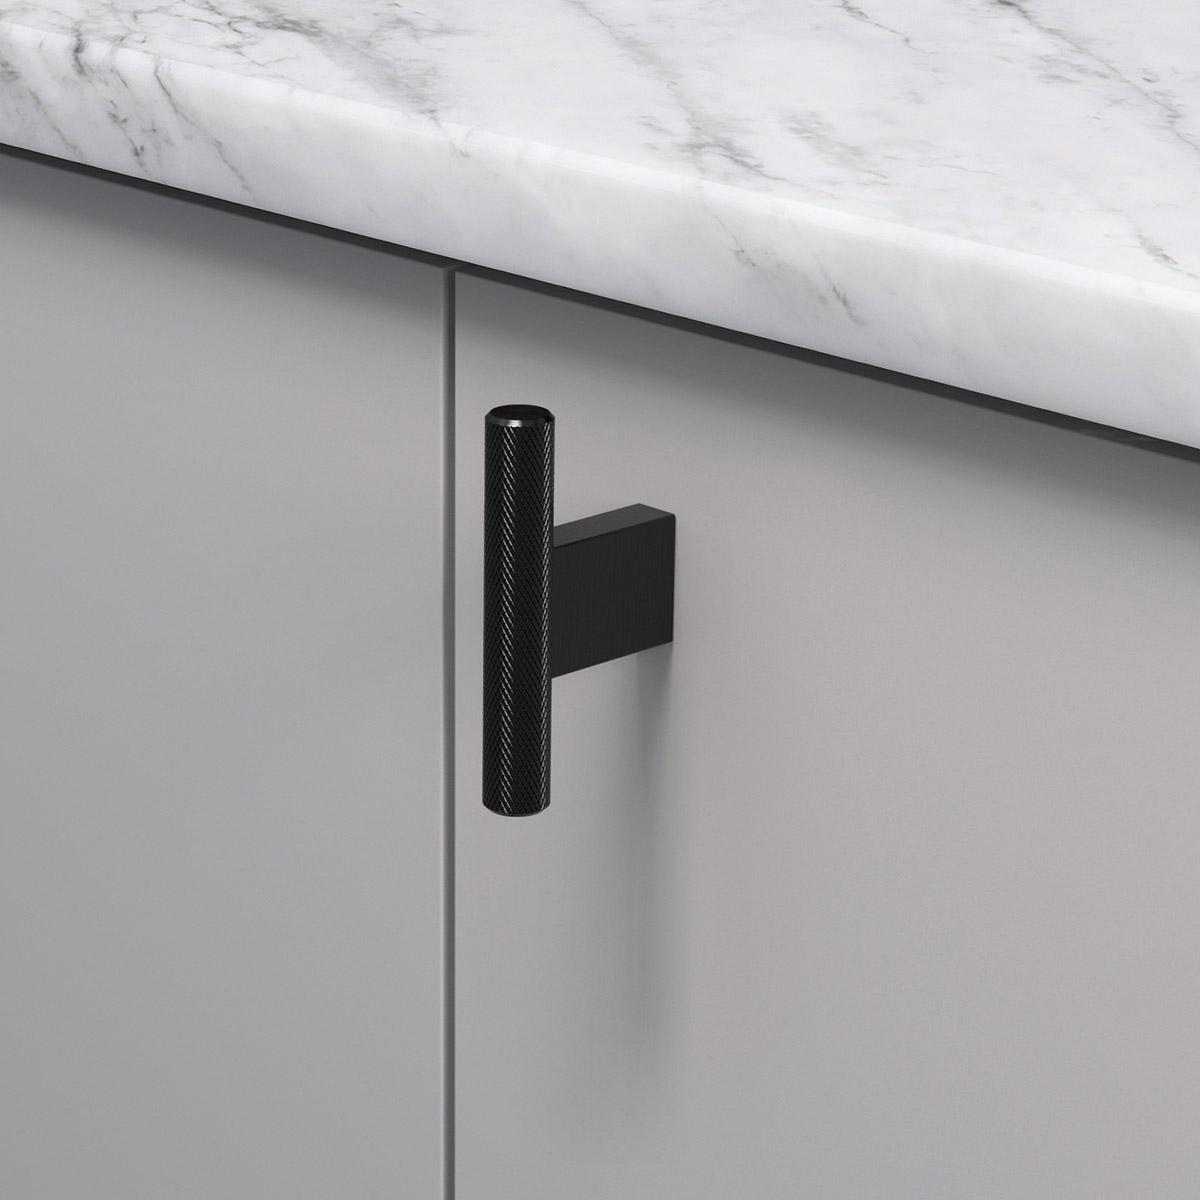 Knopp t graf mini matt svart 370251 11 10 mm ncs s 4500 n marmor carrara